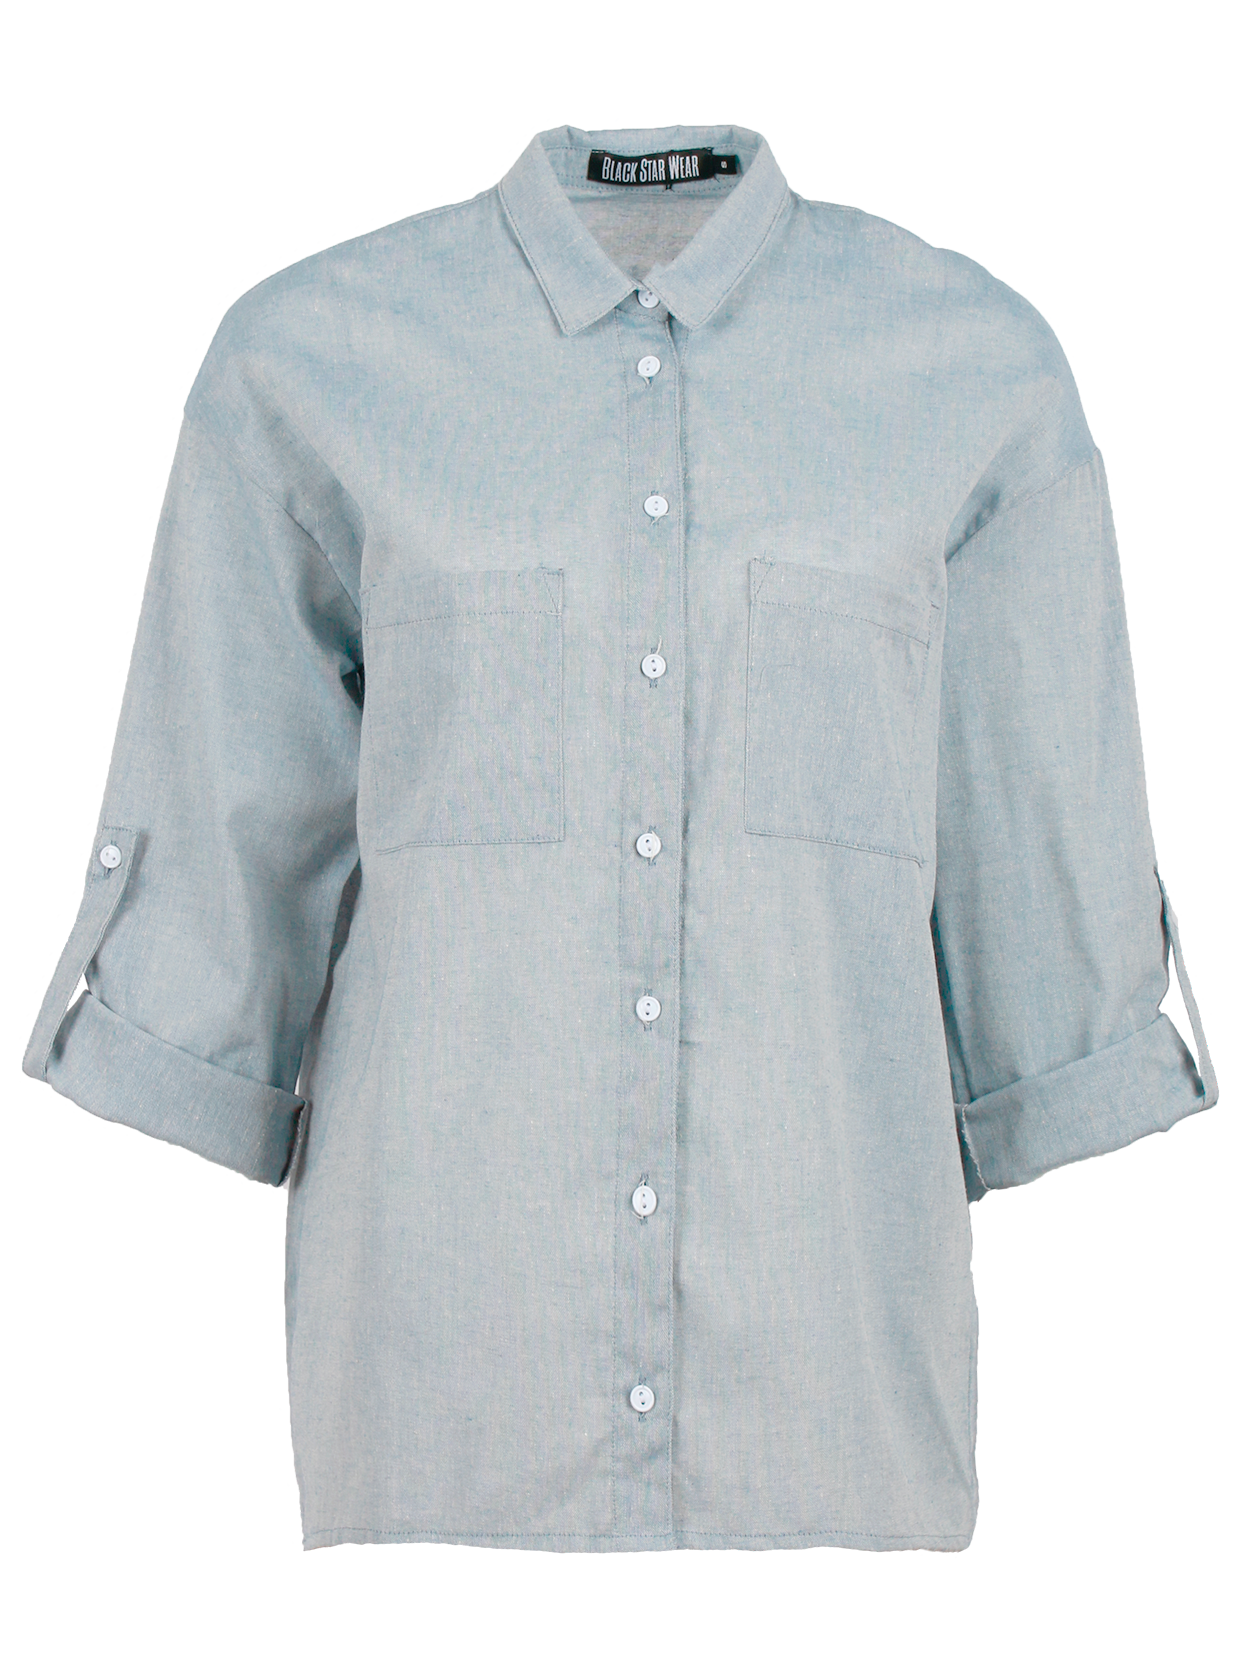 Рубашка женская SereneРубашка женская Serene светло-голубого цвета – идеальный вариант для тех, кто использует любую возможность всегда быть модной, стильной и неповторимой. Классические мотивы в сочетании с современными акцентами создают дизайн, способный подчеркнуть самые лучшие стороны внешности и характера. Модель прямого свободного кроя с приспущенным плечиком и застежкой, регулирующей длину рукава, дополнена накладными карманами спереди. Такая вещь позволит экспериментировать с образами, оставаясь всегда уверенной в себе.<br><br>Размер: XS<br>Цвет: Голубой<br>Пол: Женский